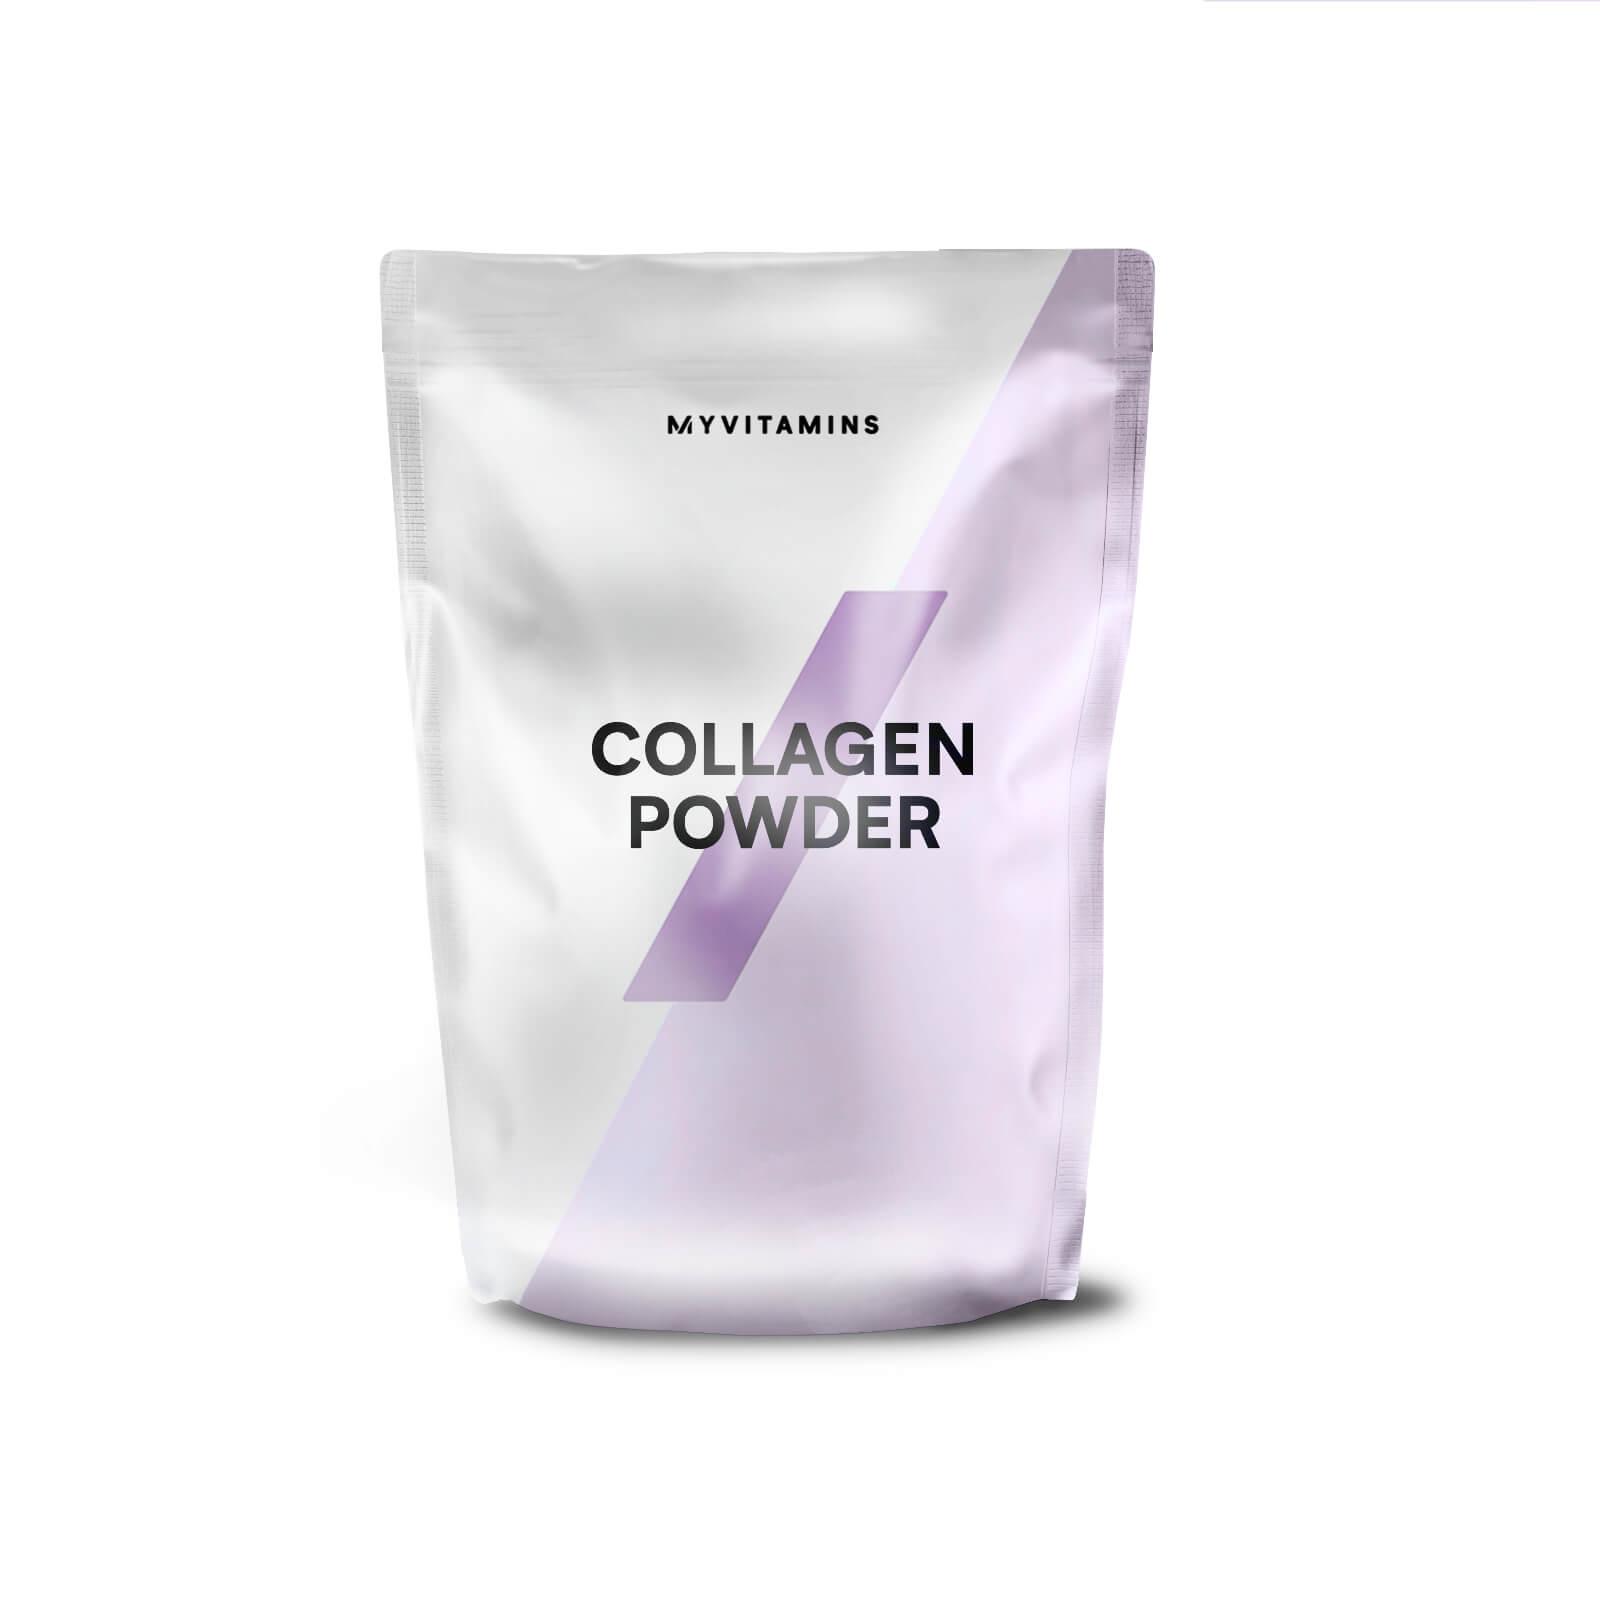 Myvitamins Collagen Powder - 500g - Grape